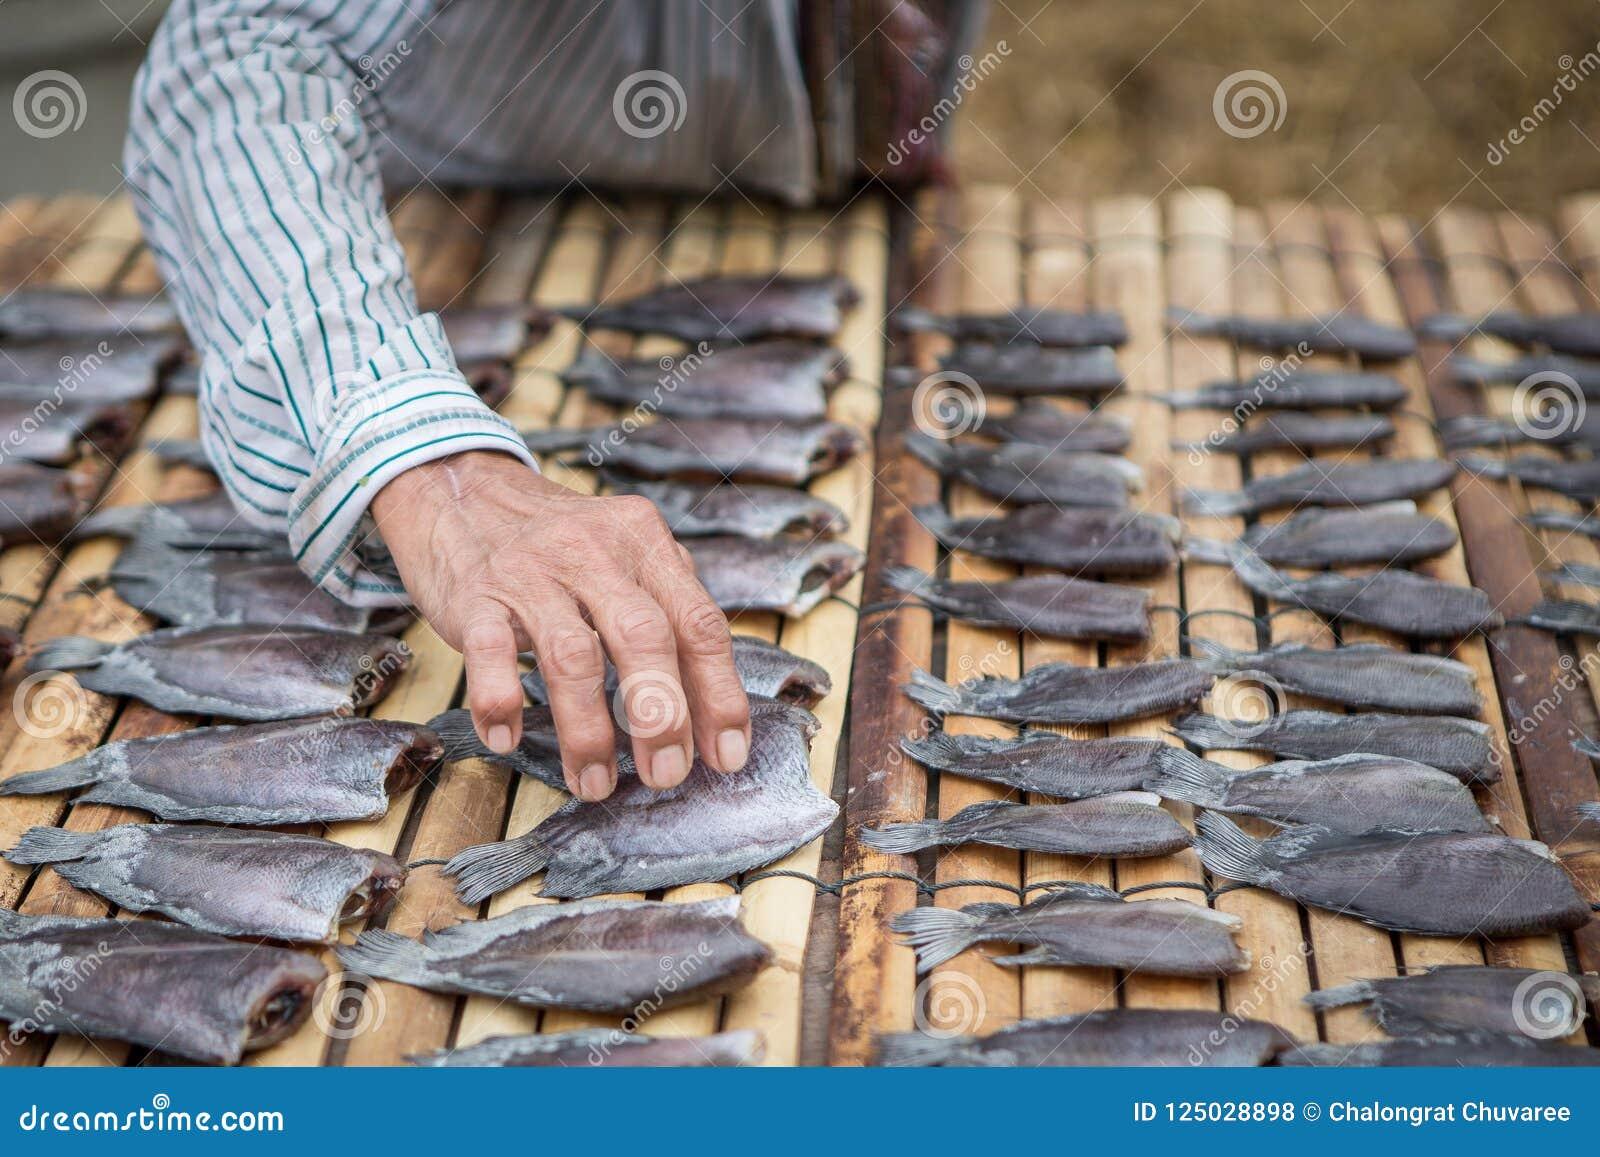 Las manos mantienen los pescados secos en una estera de bambú